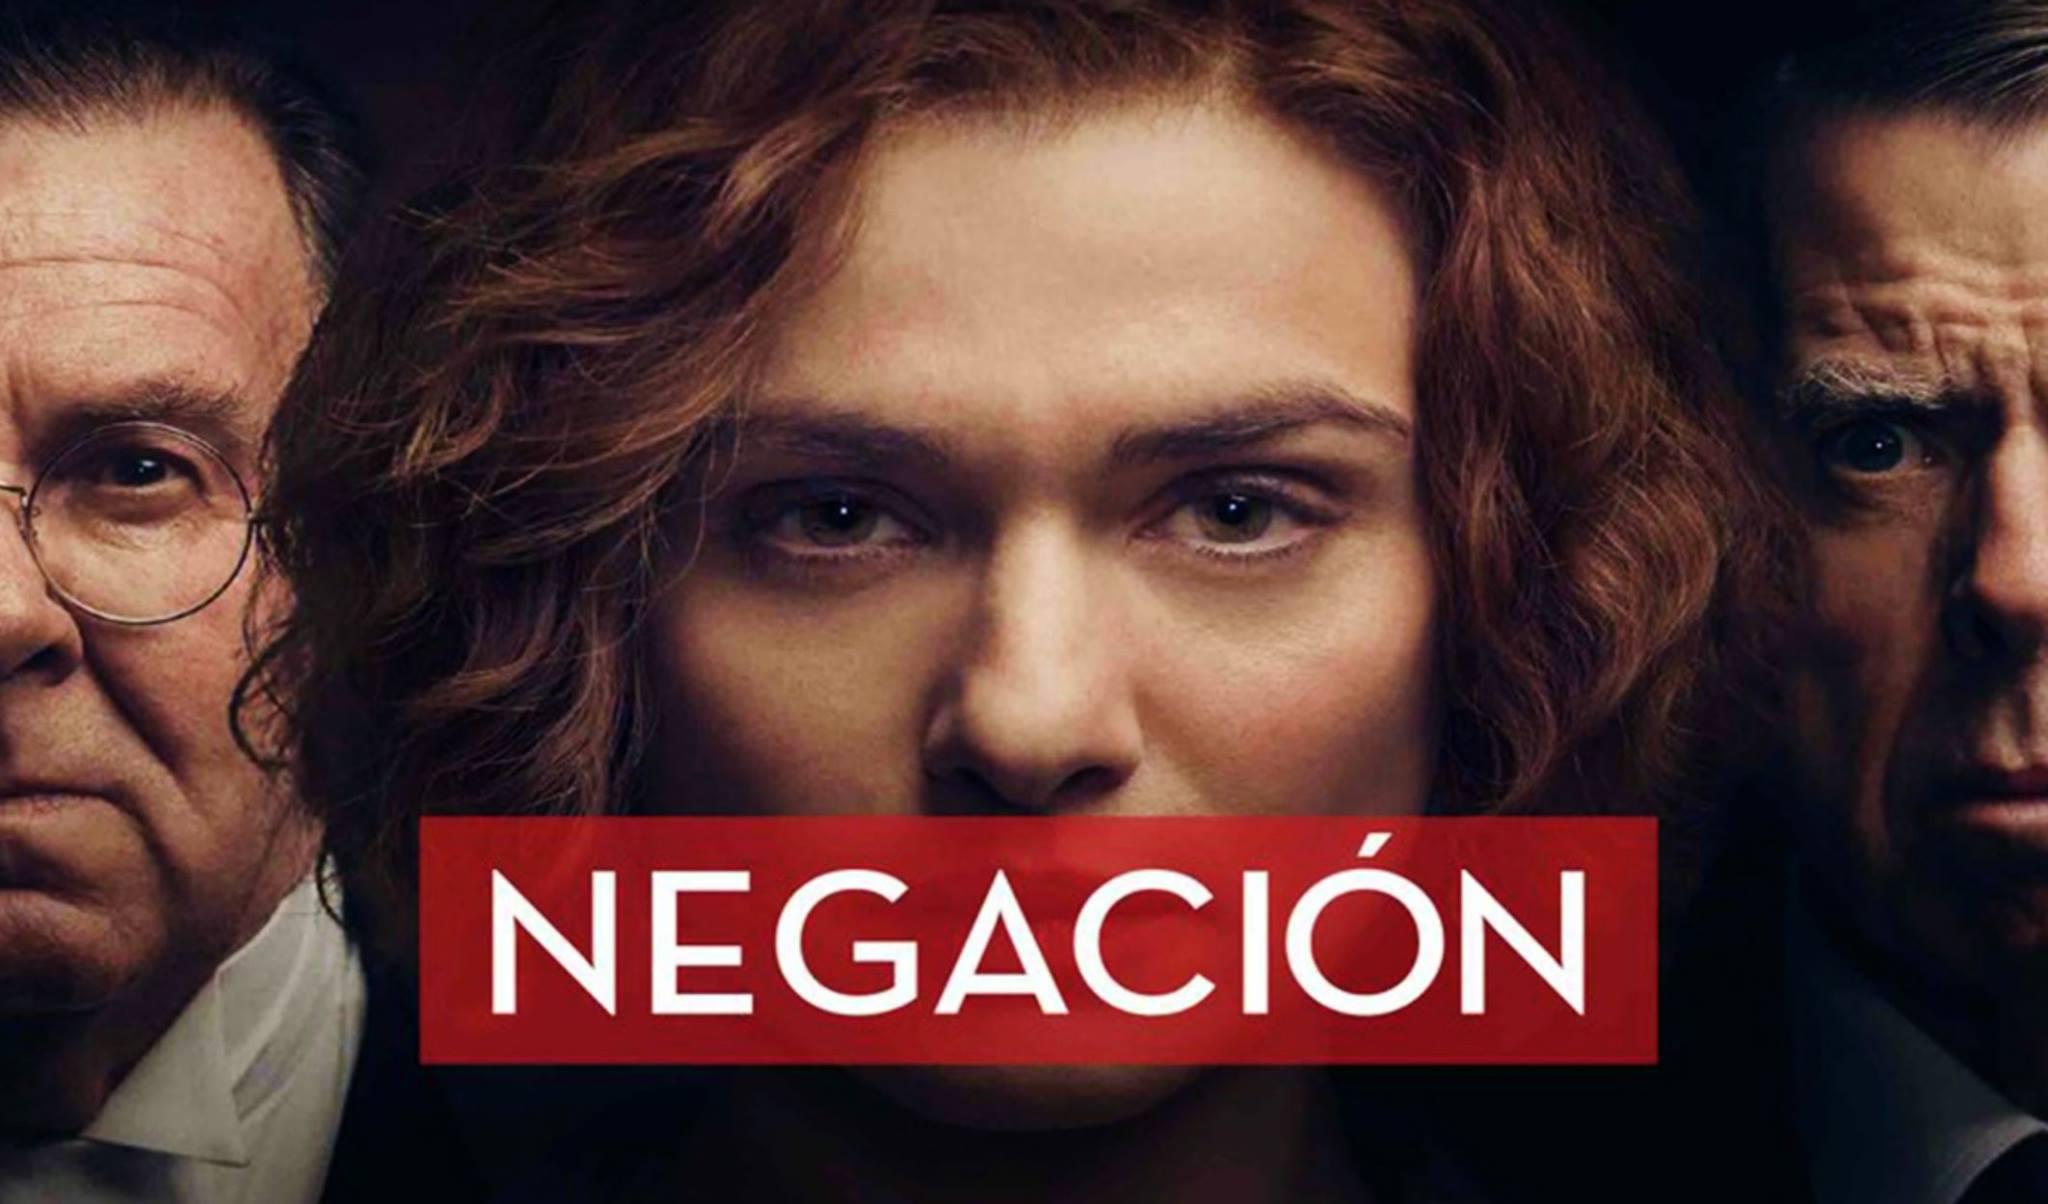 Negacion 2